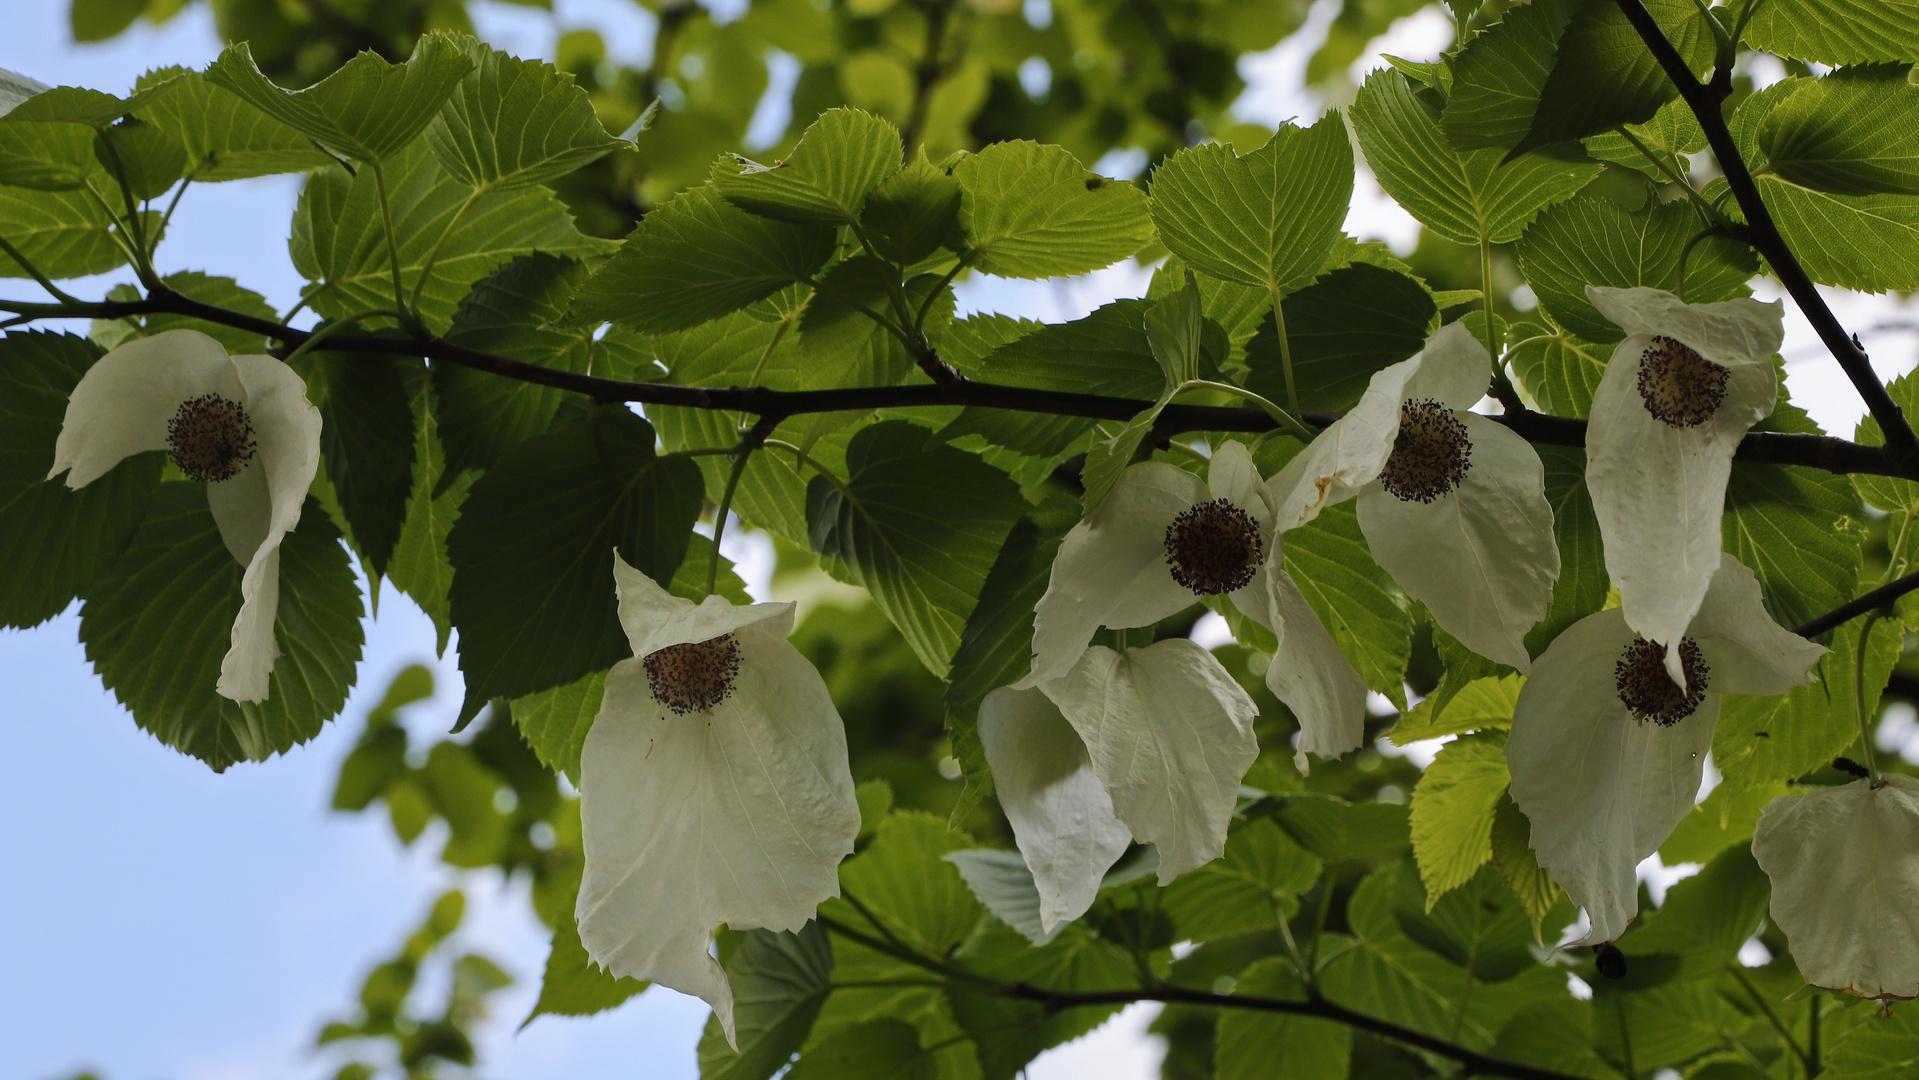 Blüten Am Taschentuchbaum (2019_05_03_EOS 6D Mark II_2186